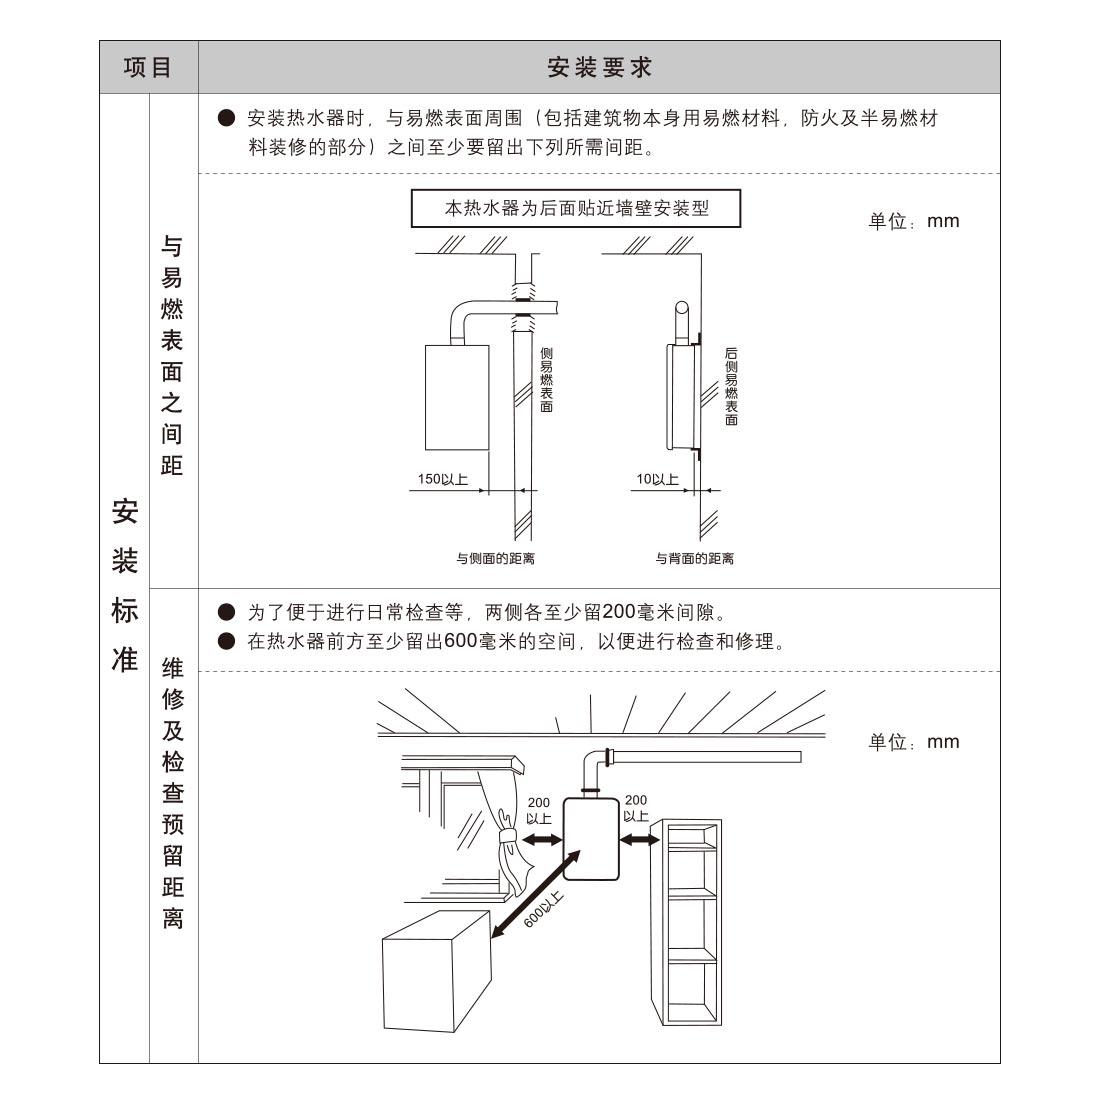 方太JSG25-1503安装示意图